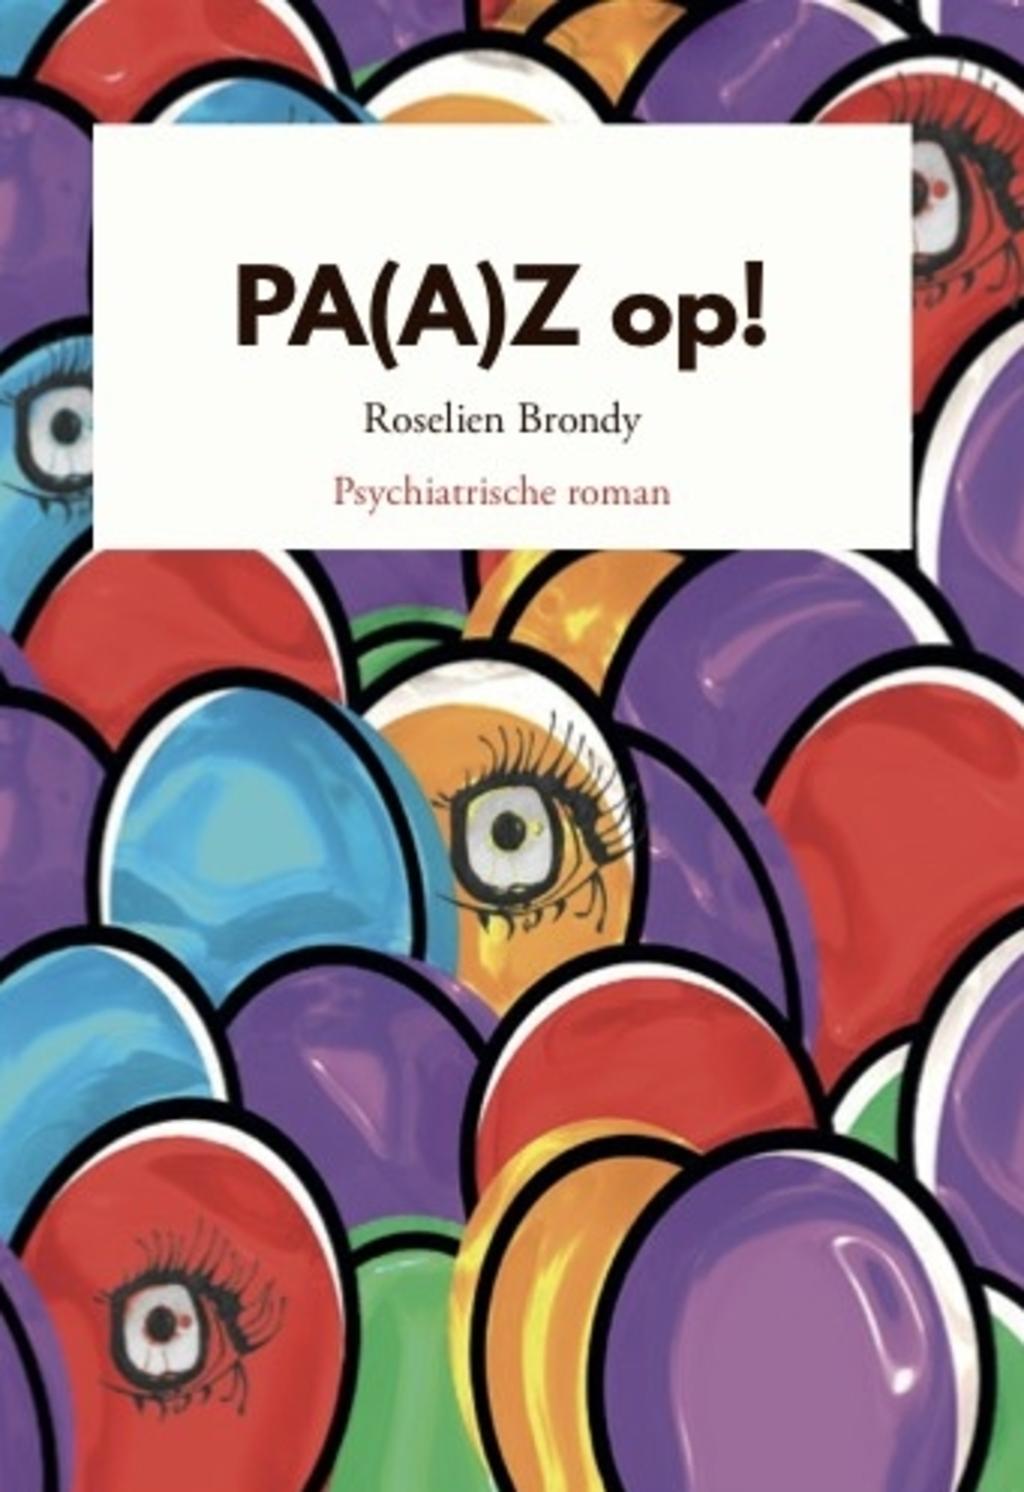 Boek - PA(A)Z op!